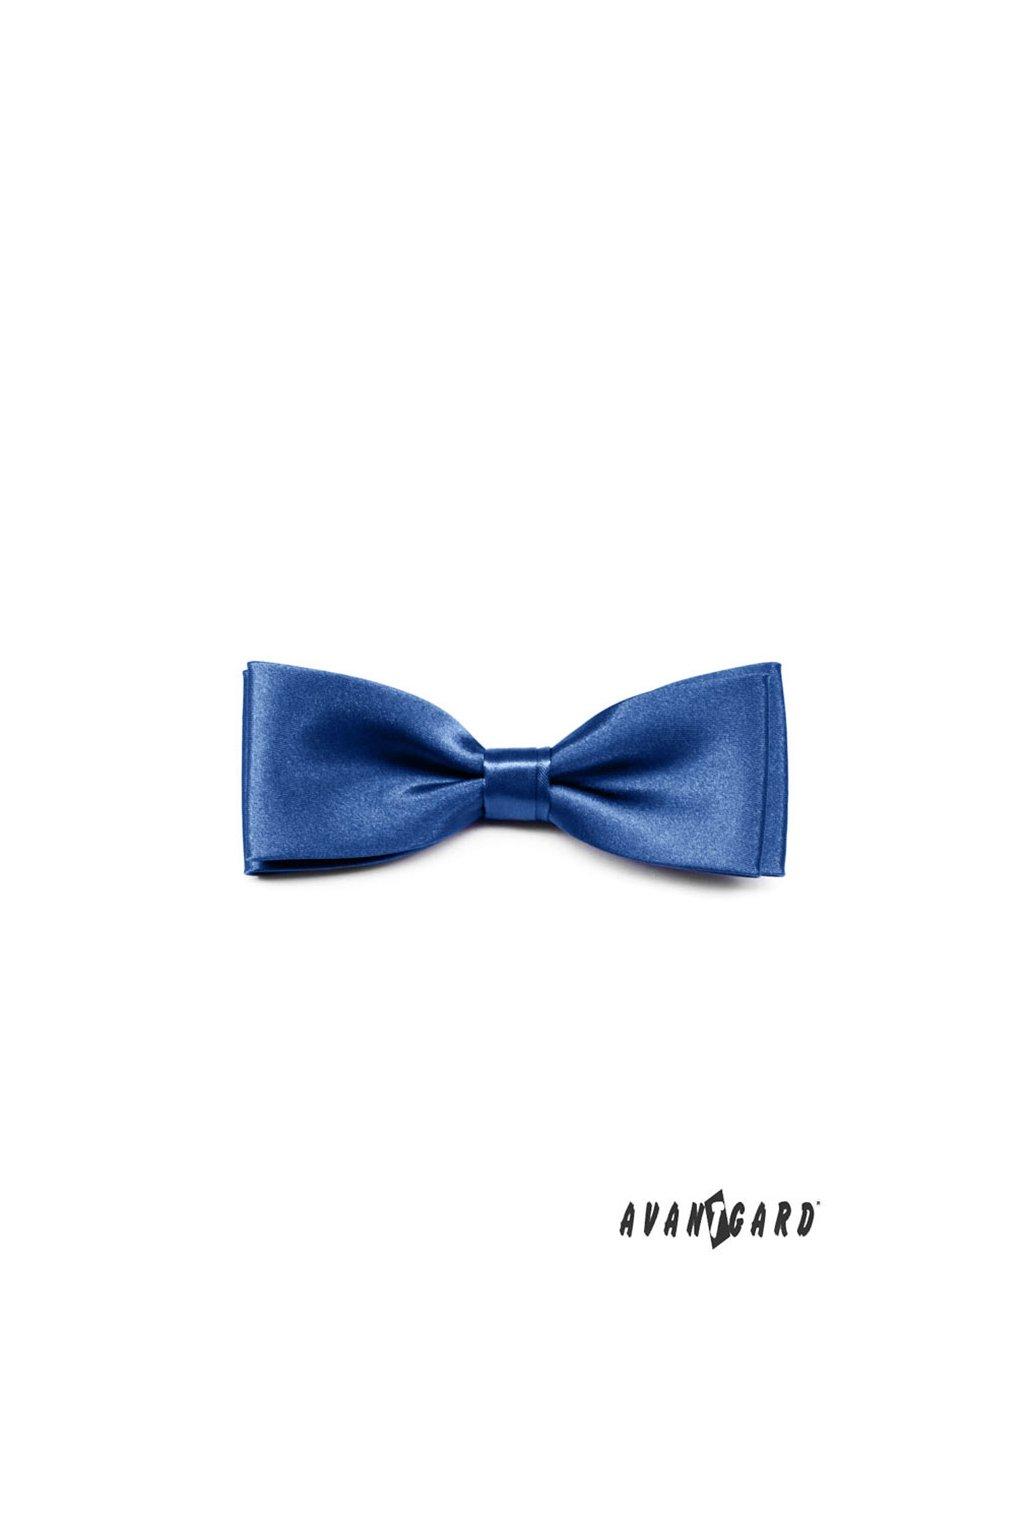 Motýlek s kapesníčkem modrá 575 - 9013